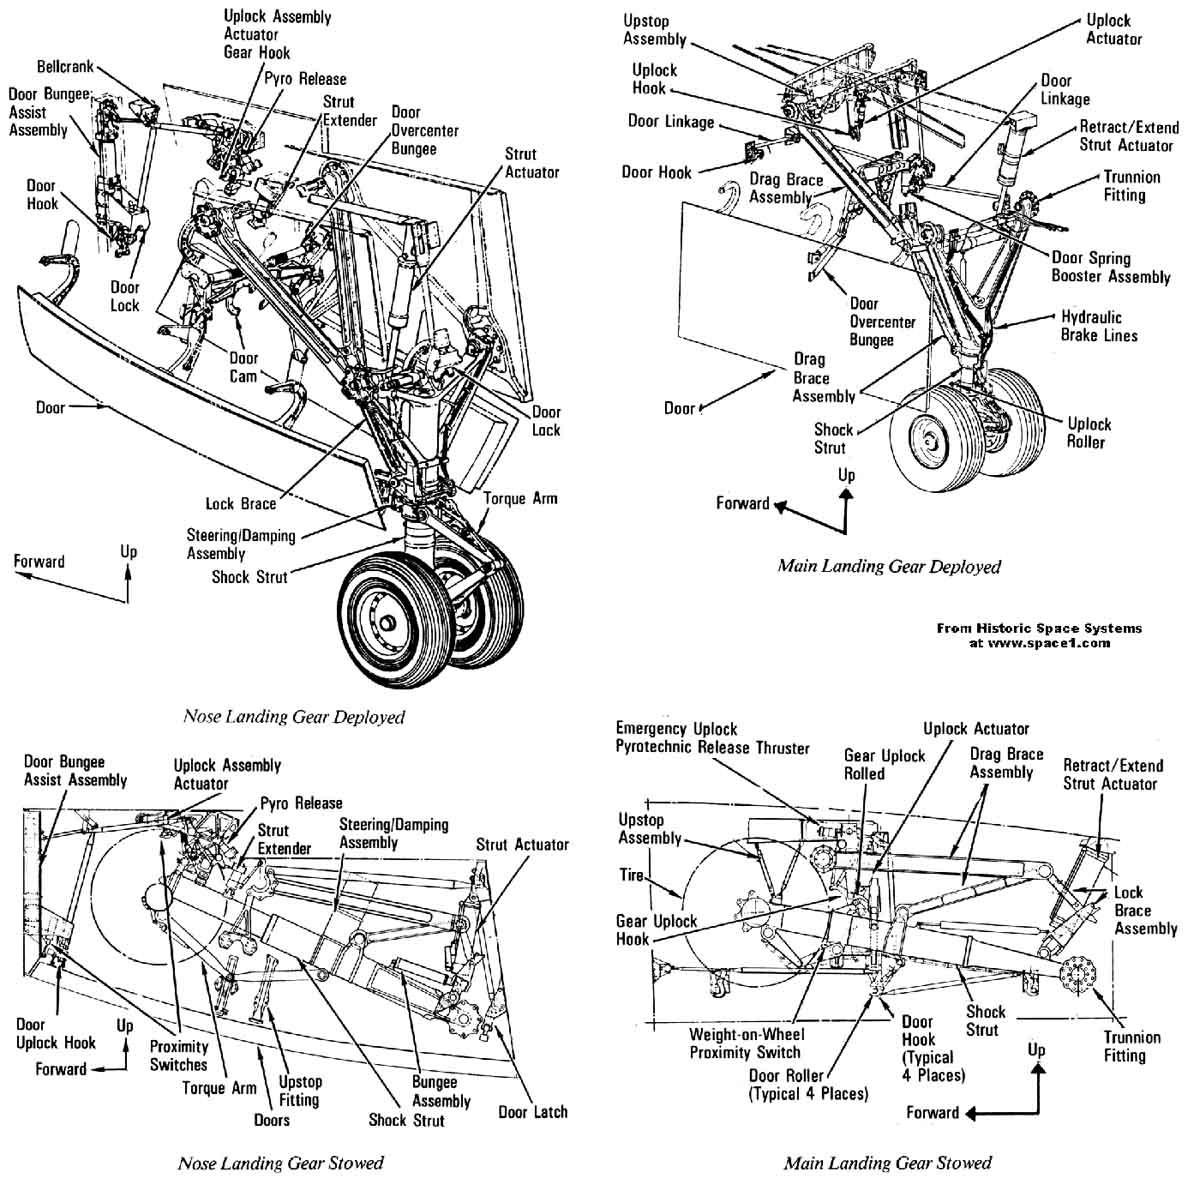 Blueprint Tren de aterrizaje